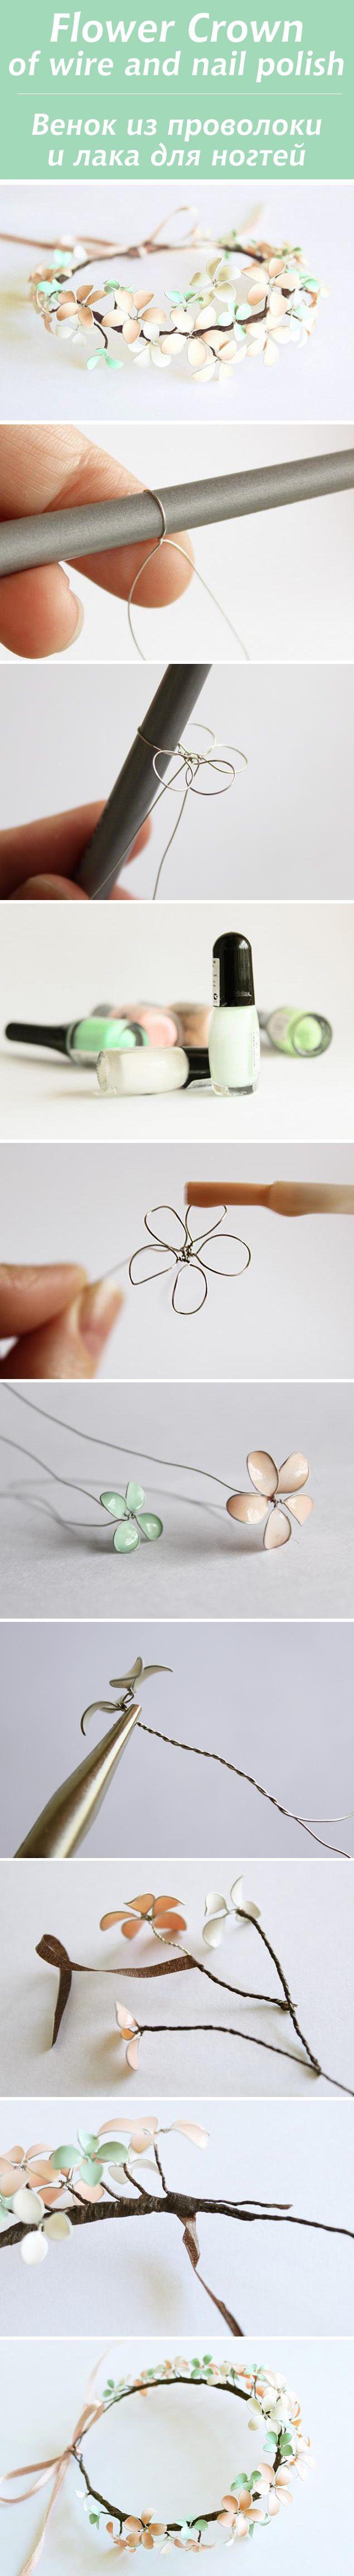 Красивый веночек из проволоки и лака для ногтей / Flower Crown Tutorial #howto #diy #tutorial #floralheadpiece